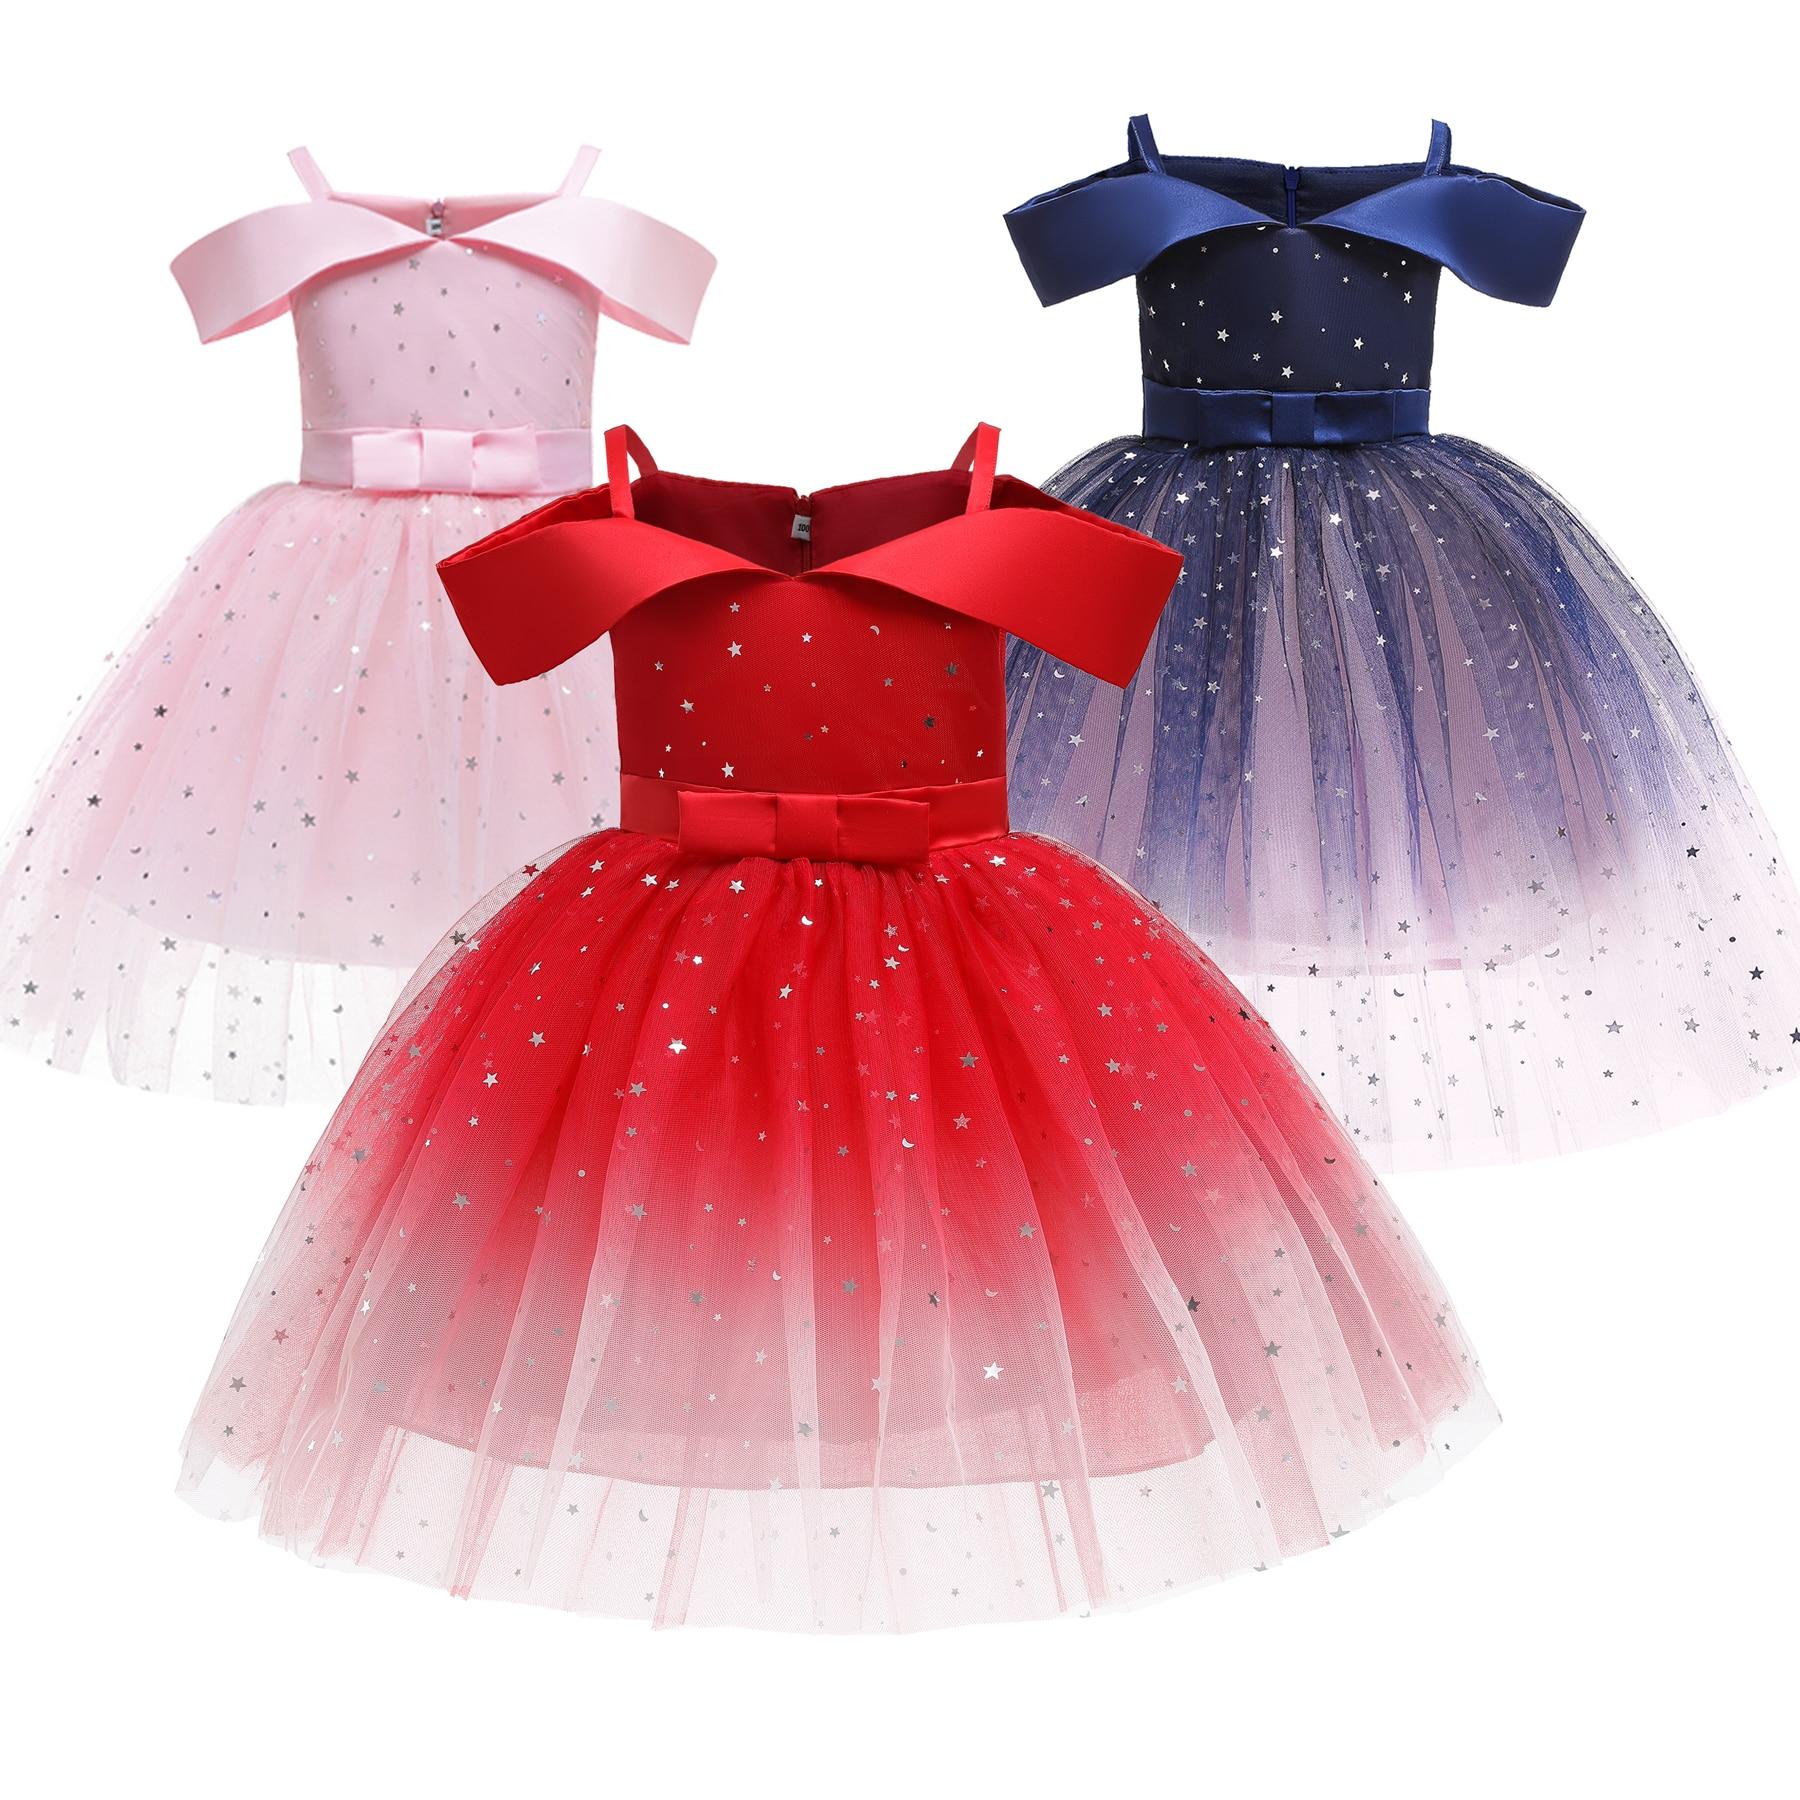 м мадера долина эдельвейсов и день рождения принцессы Платье принцессы на свадьбу, день рождения, Рождество, праздник, Тюлевая пачка с блестками, одежда для детей, милое платье для девочек